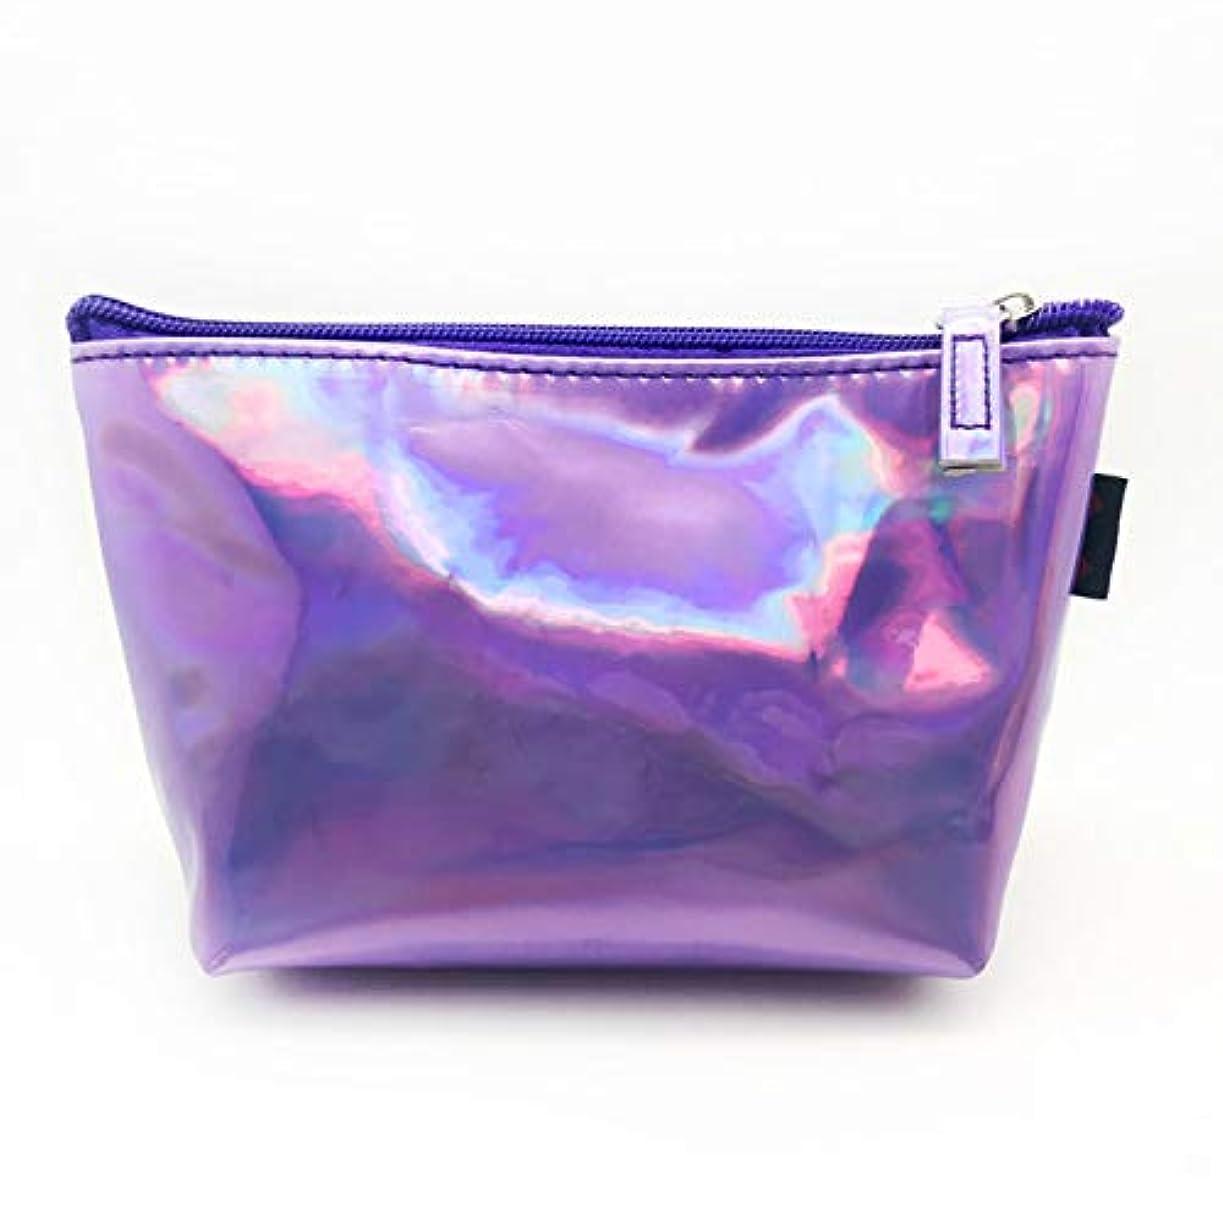 オアシスダイバービルダーtiwayer 驚くべき新リーフ小レーザーメイクアップポータブル旅行バッグ化粧品女性`時折革バッグメイクアップポーチホログラフィックバッグプリティ(None purple)